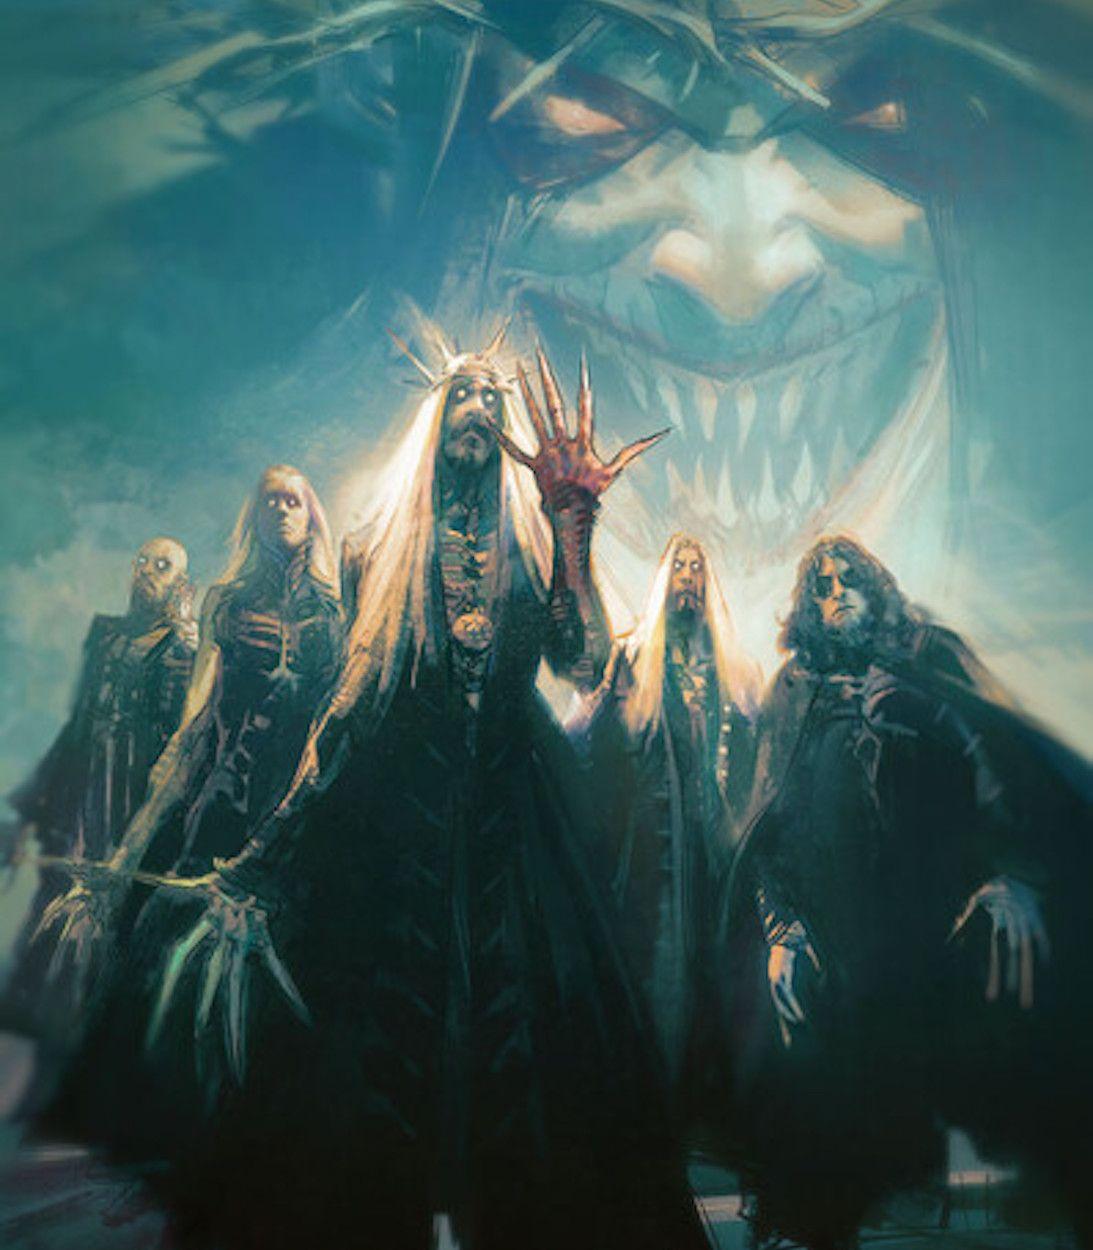 Dark Night Death Metal Band Edition Opeth